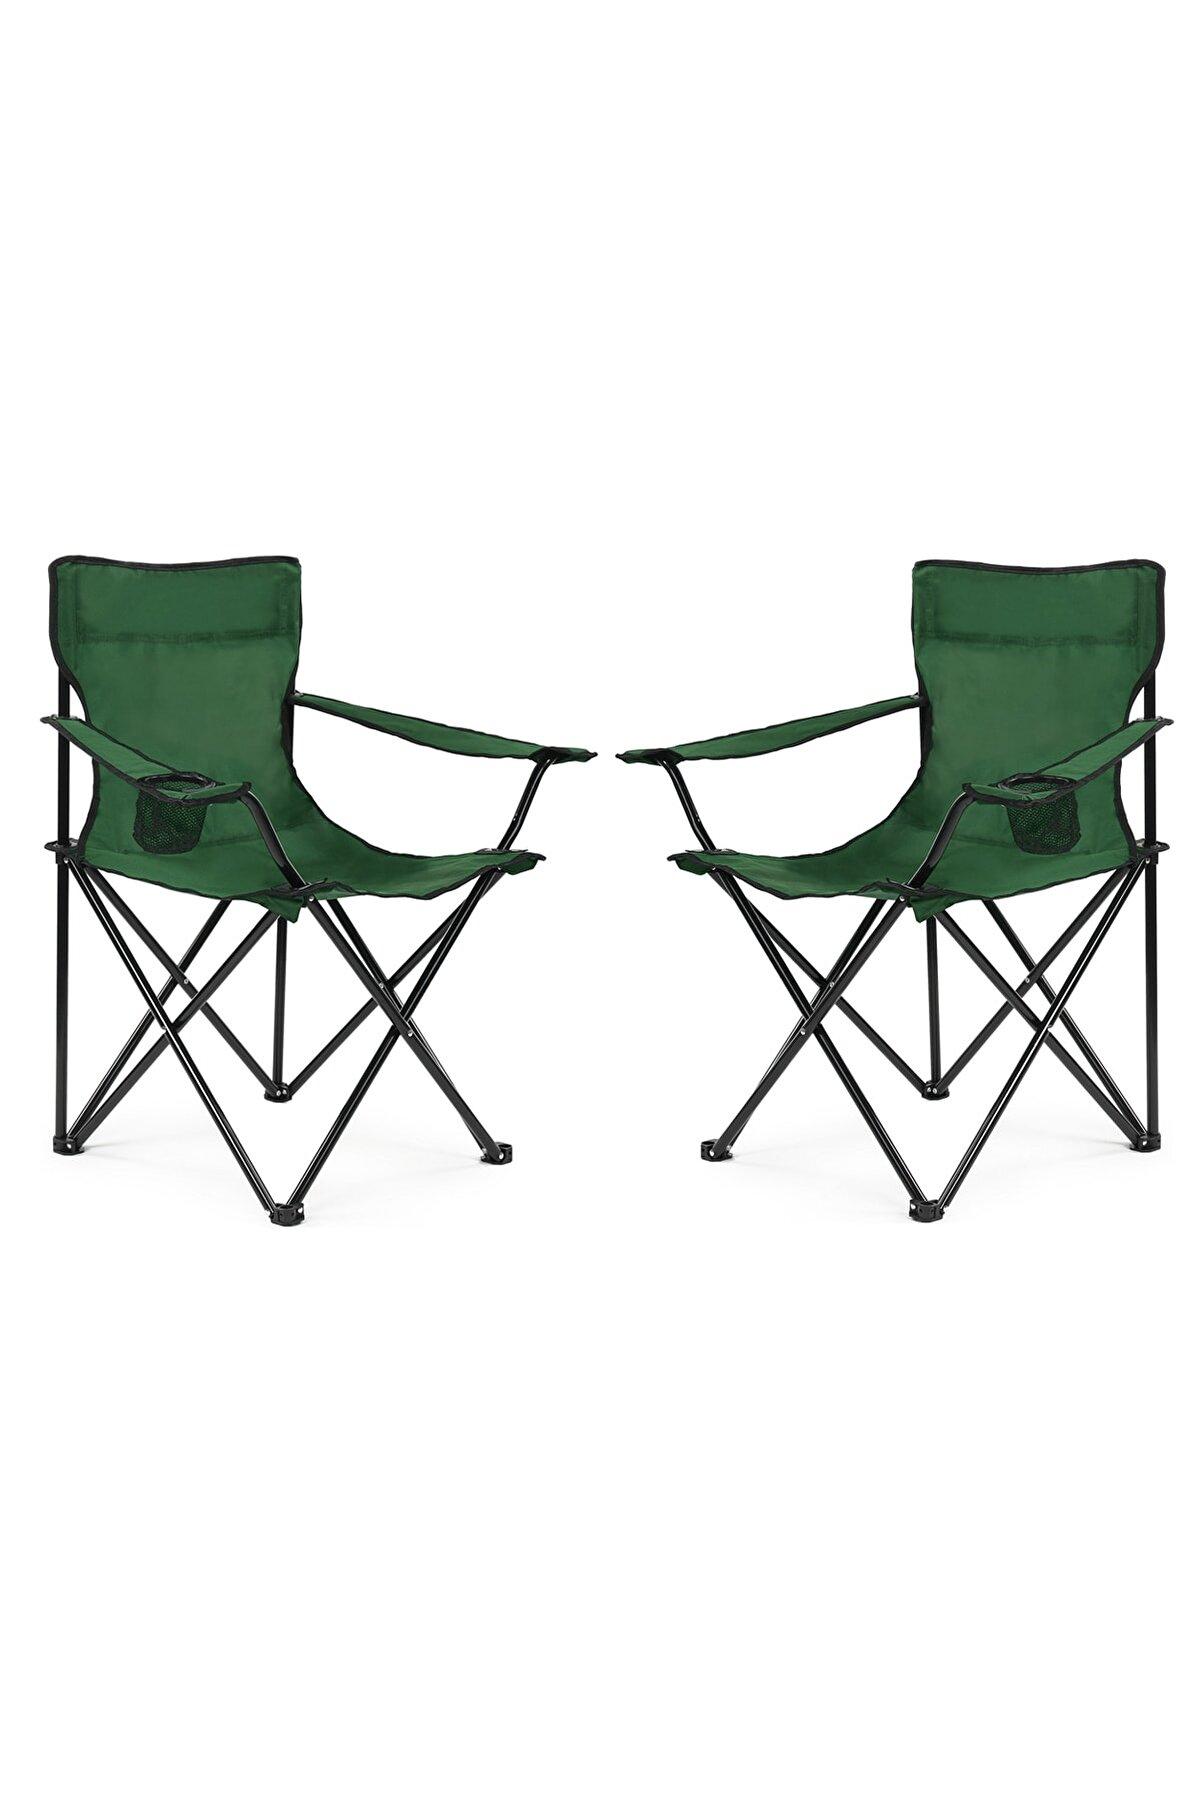 Walke 2 Li Katlanabilir Kamp Sandalyesi Piknik Sandalyesi Plaj Sandalyesi Yeşil Taşıma Çantalı